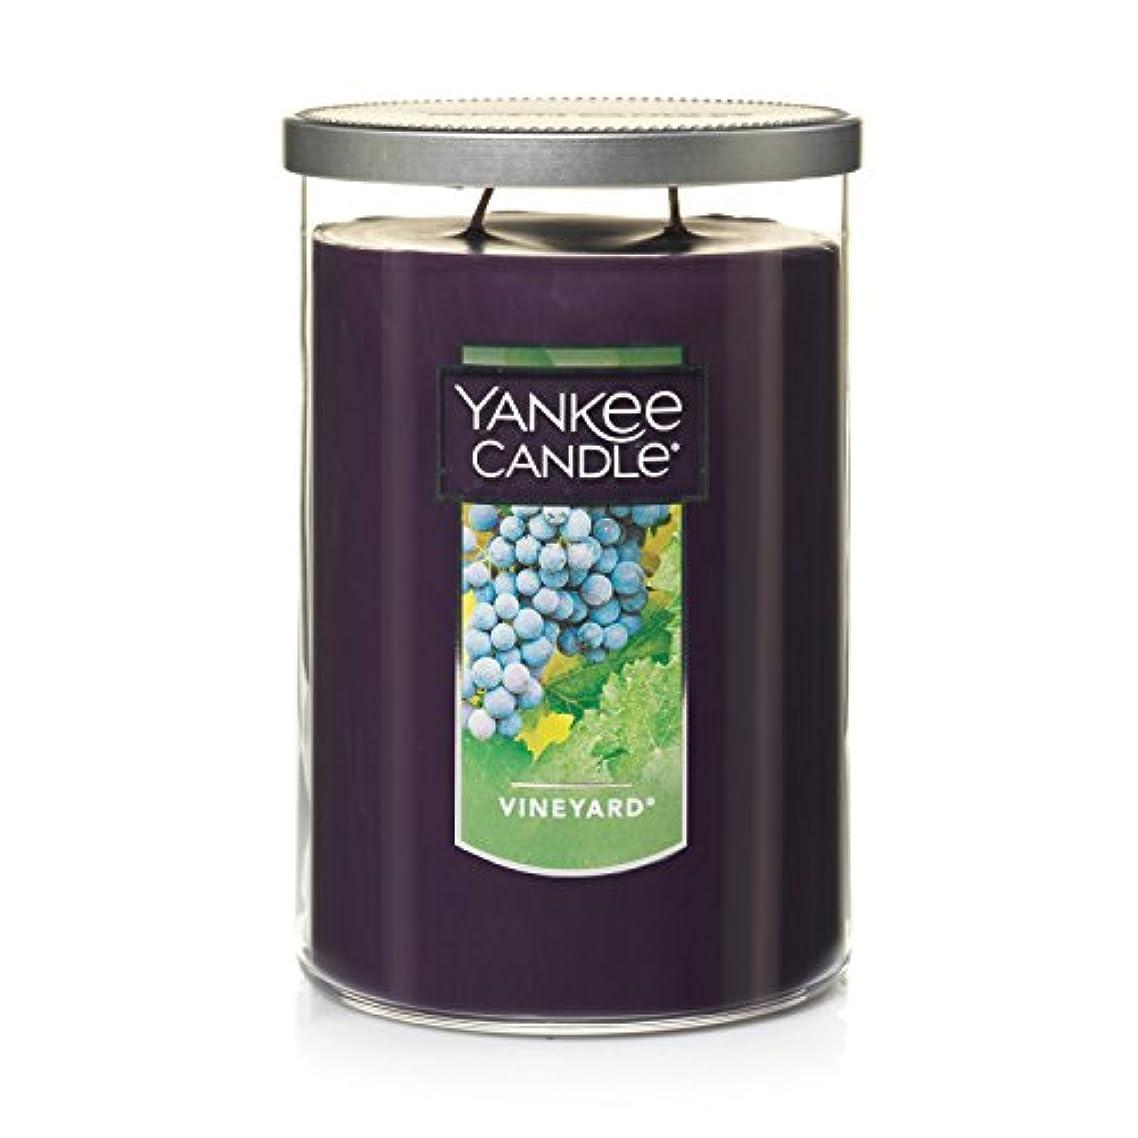 ジョイント比喩ピストルYankee Candle Vineyard、フルーツ香り Large Tumbler Candles パープル 1184177Z